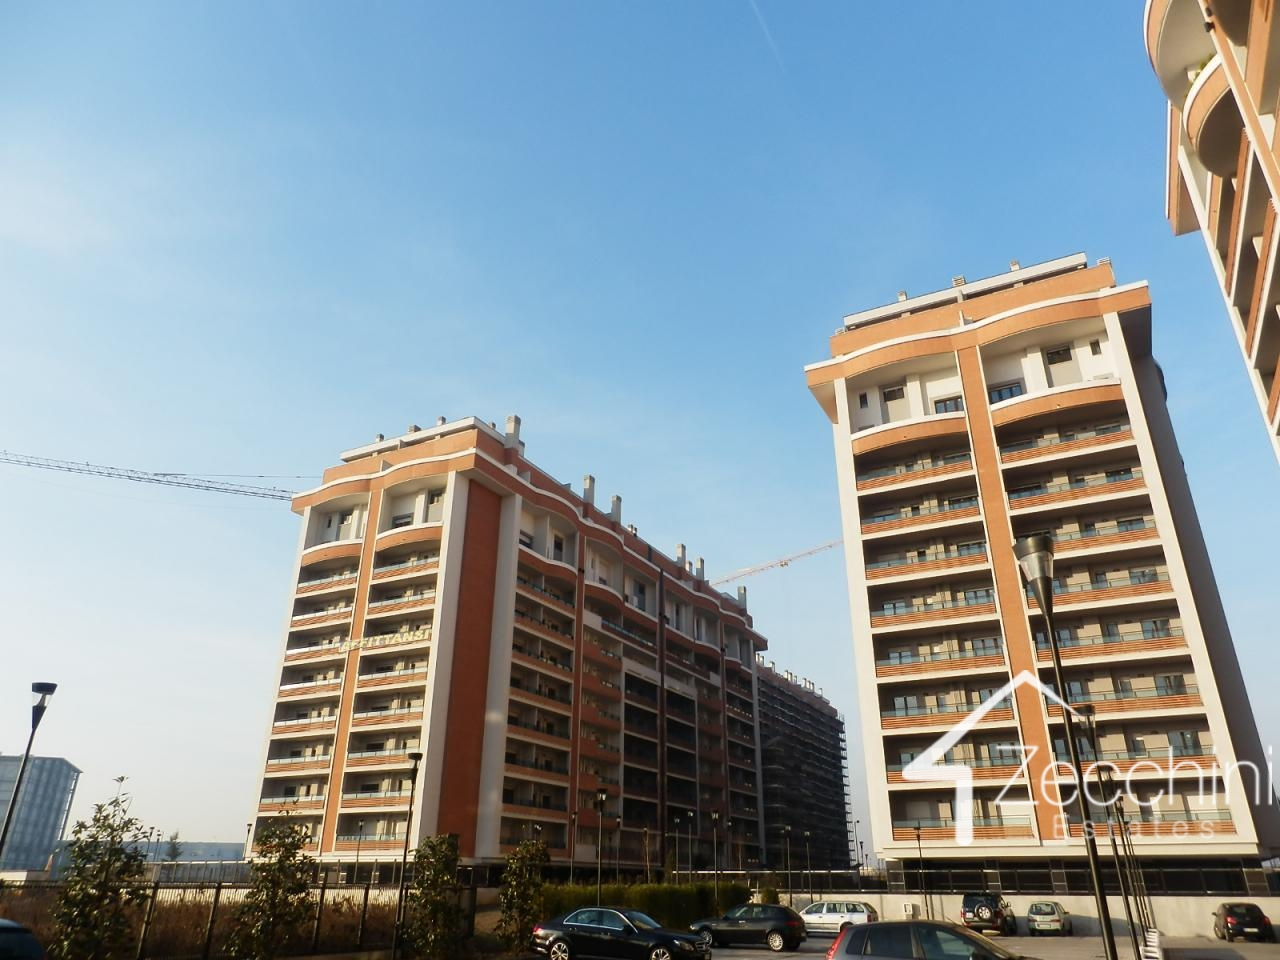 Sesto San Giovanni   Appartamento in Vendita in Sesto San Giovanni   lacasadimilano.it